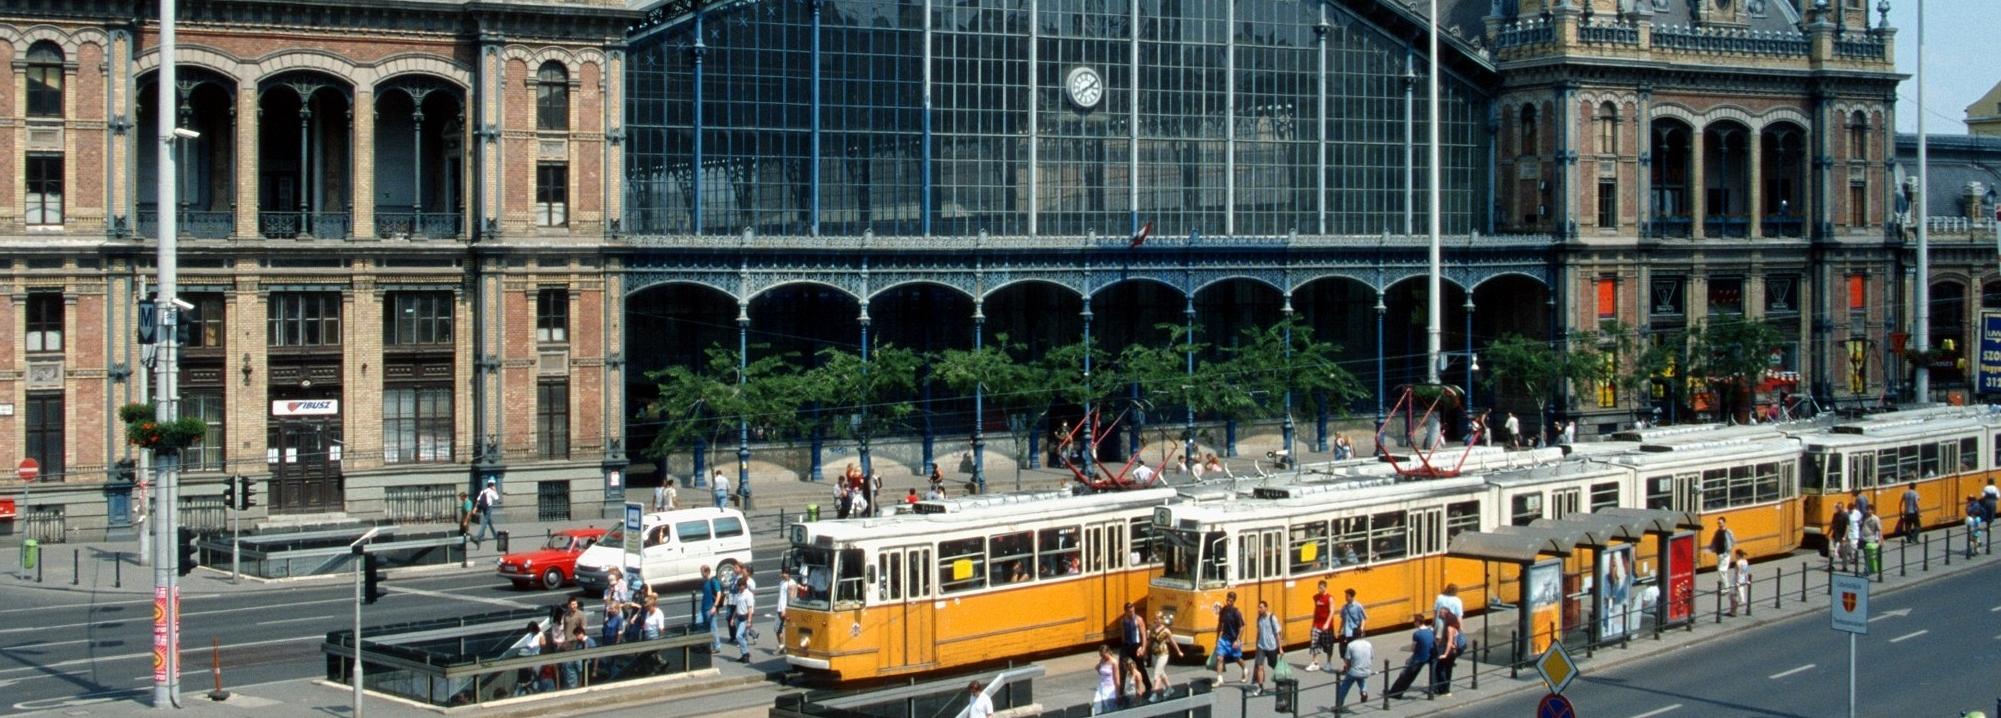 Fejtse meg Budapest kódját!